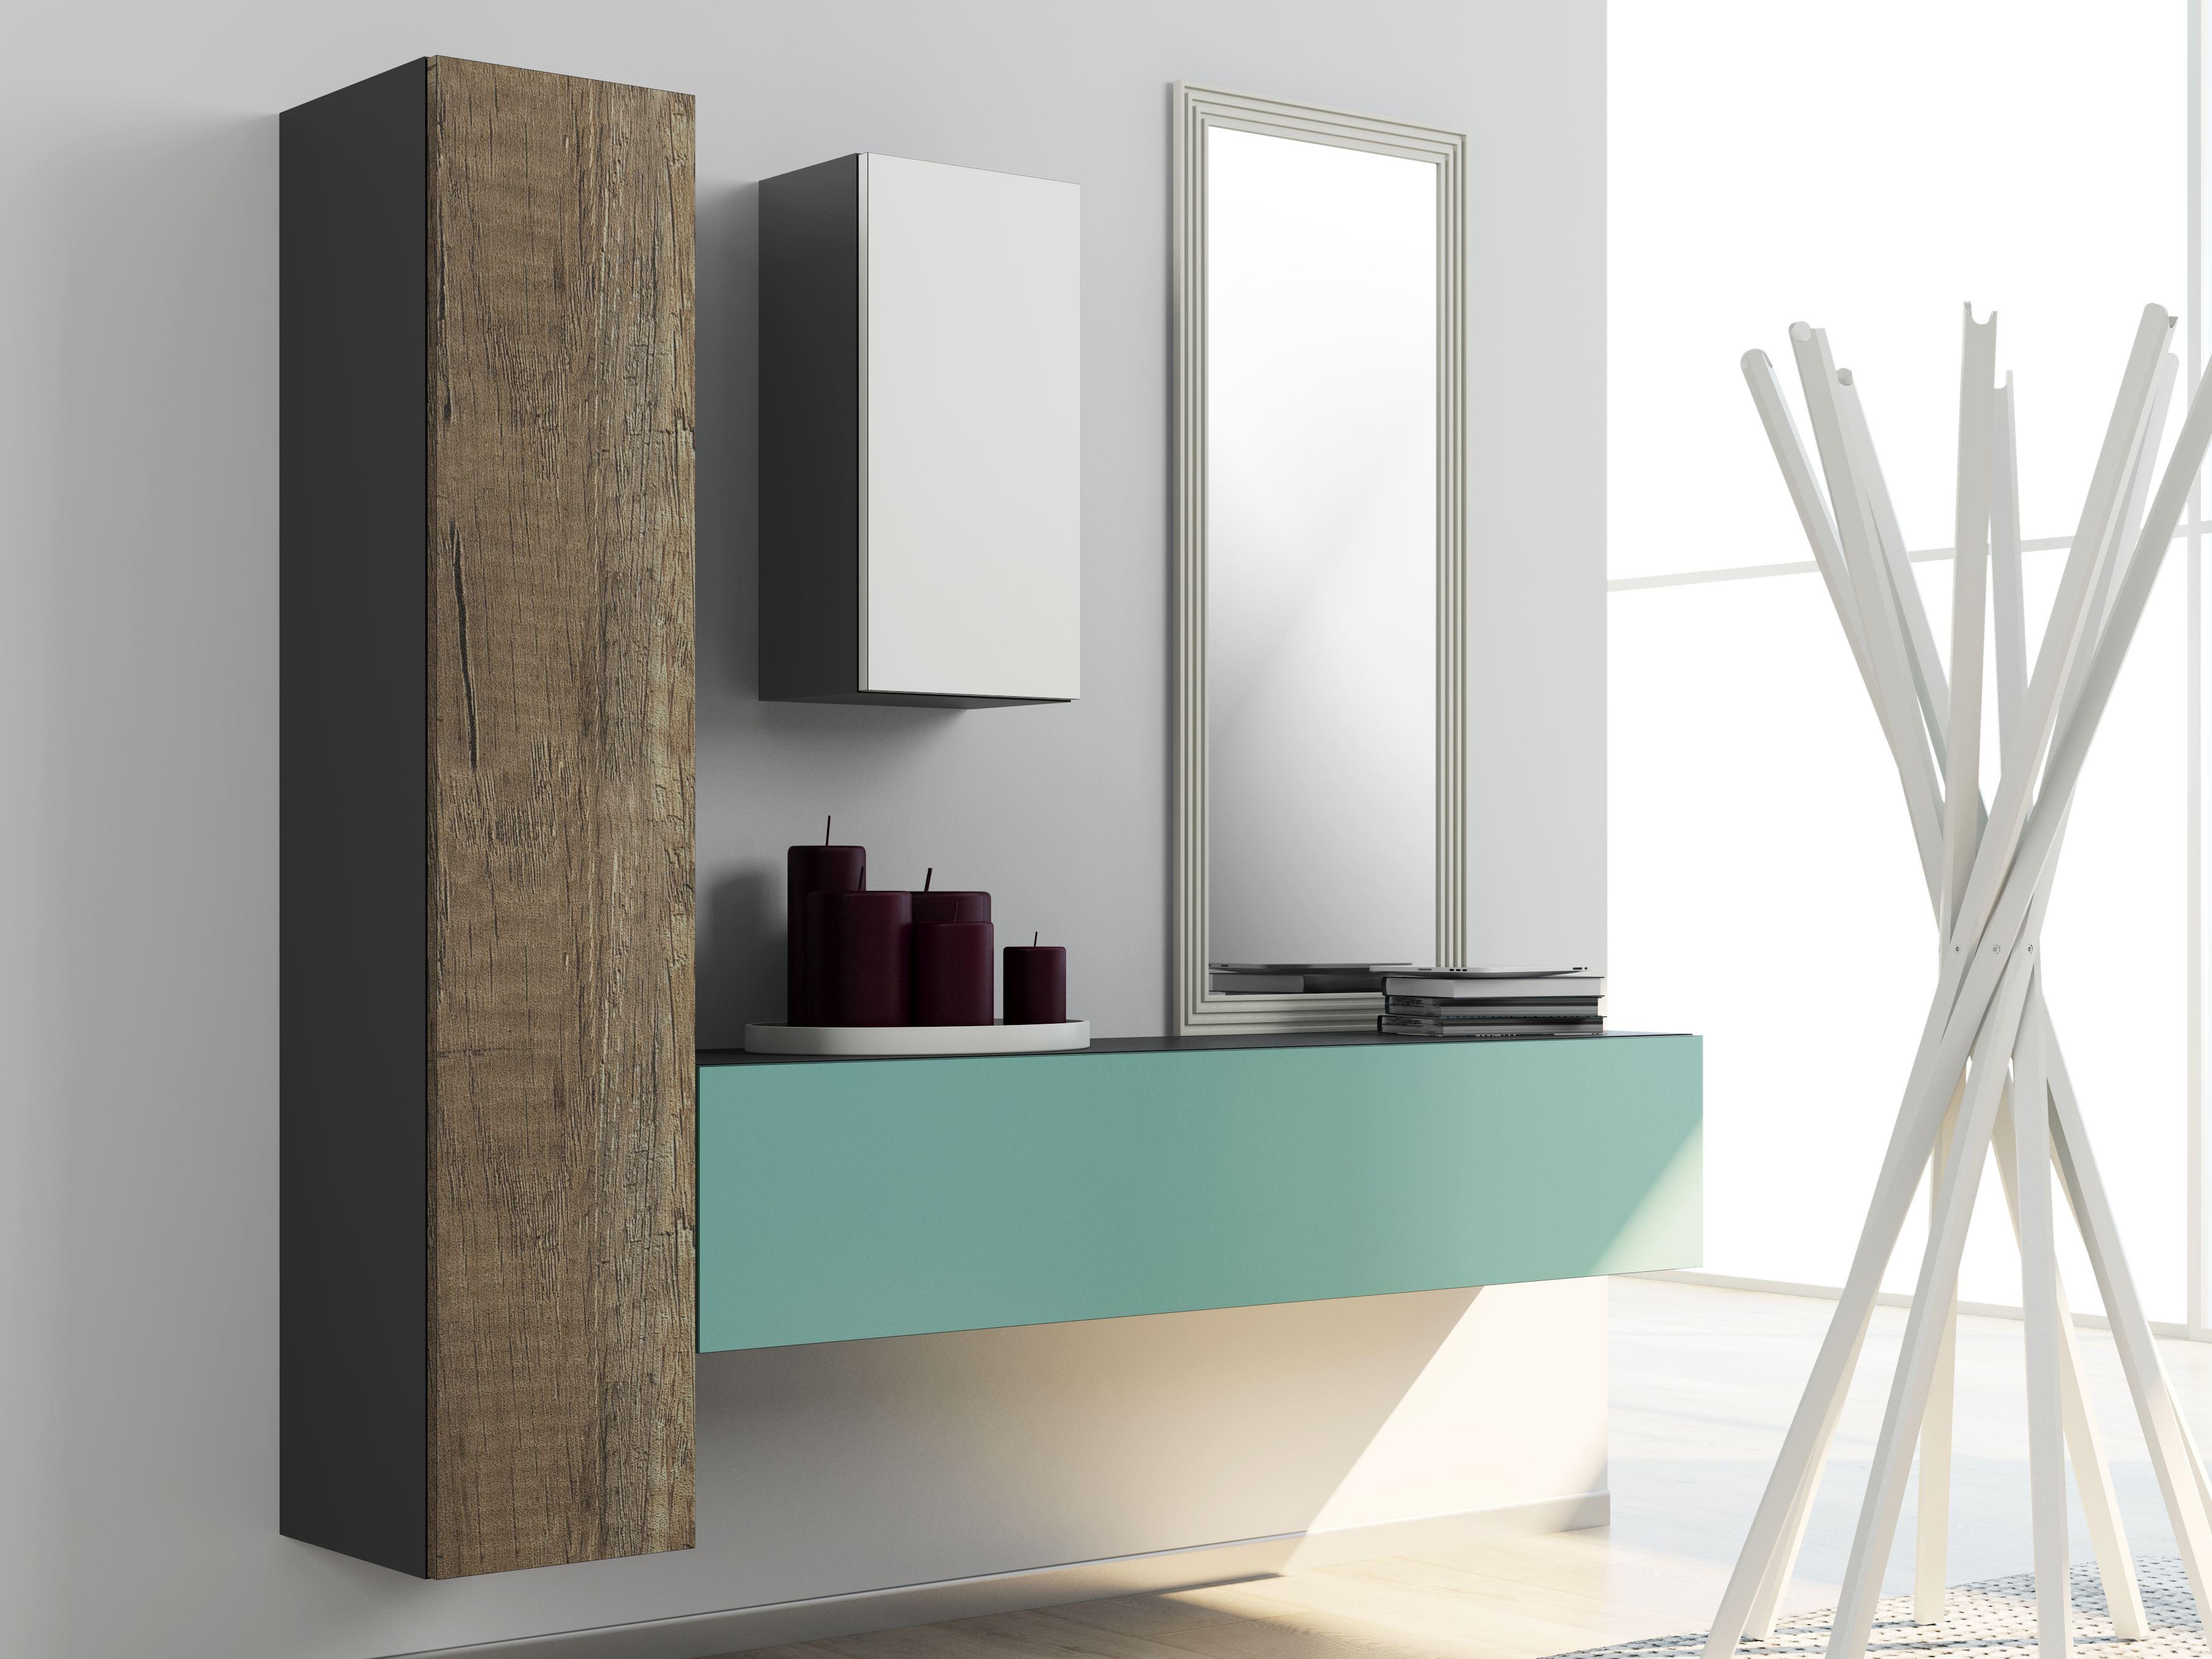 mobili da ingresso | zona giorno e mobili contenitori | archiproducts - Mobili Design Ingresso